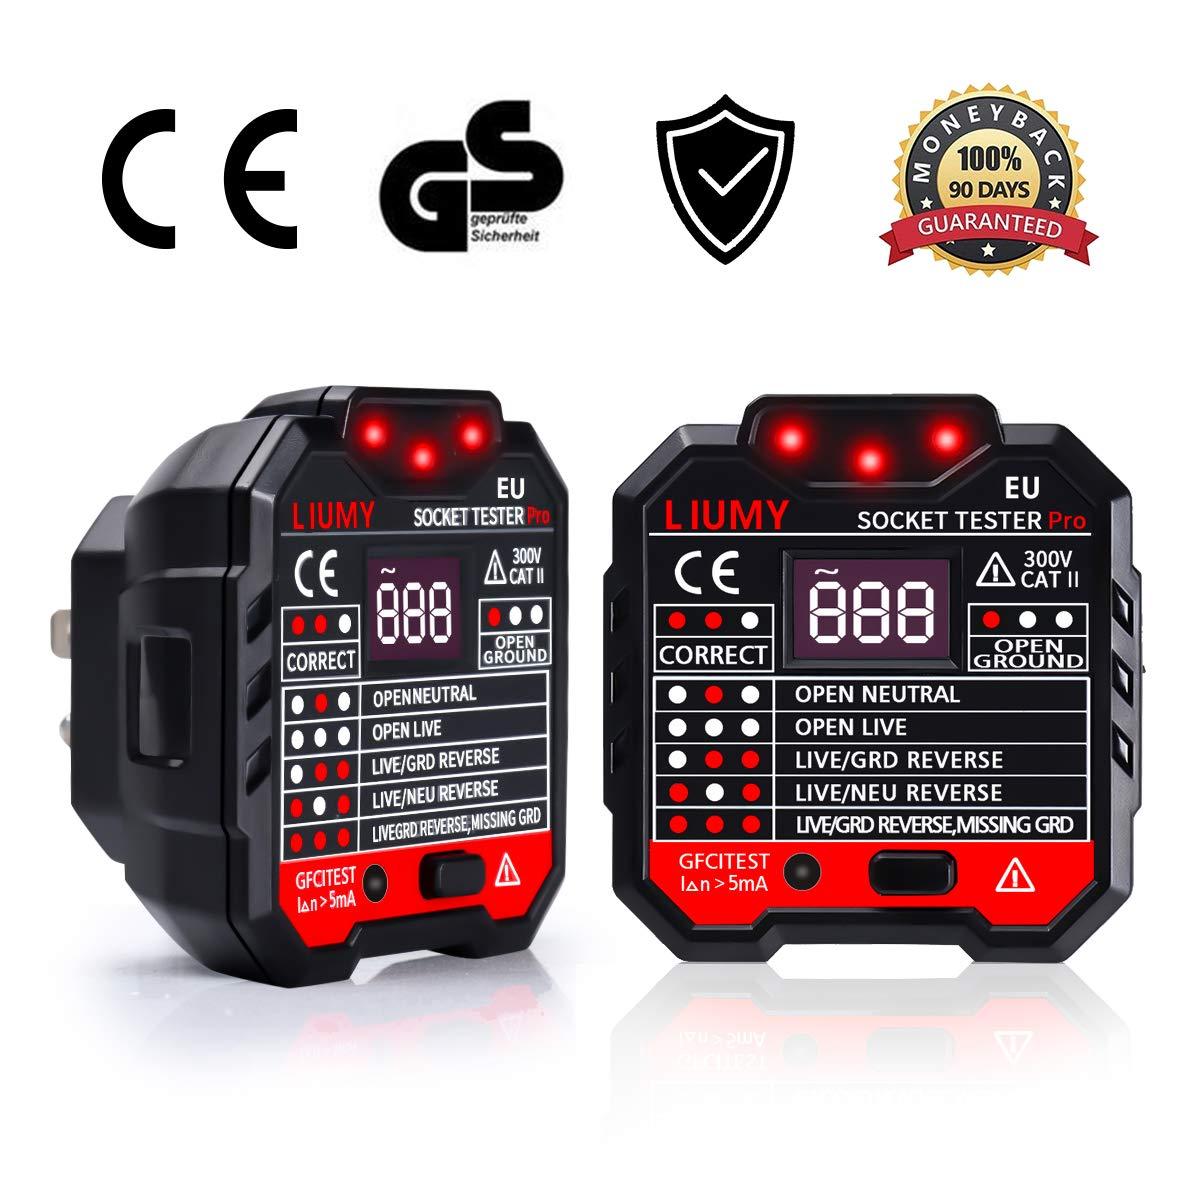 bis 200m-18,6g-Fernbedienung celexon Laser-Pointer Economy LP100 Laserklasse 2